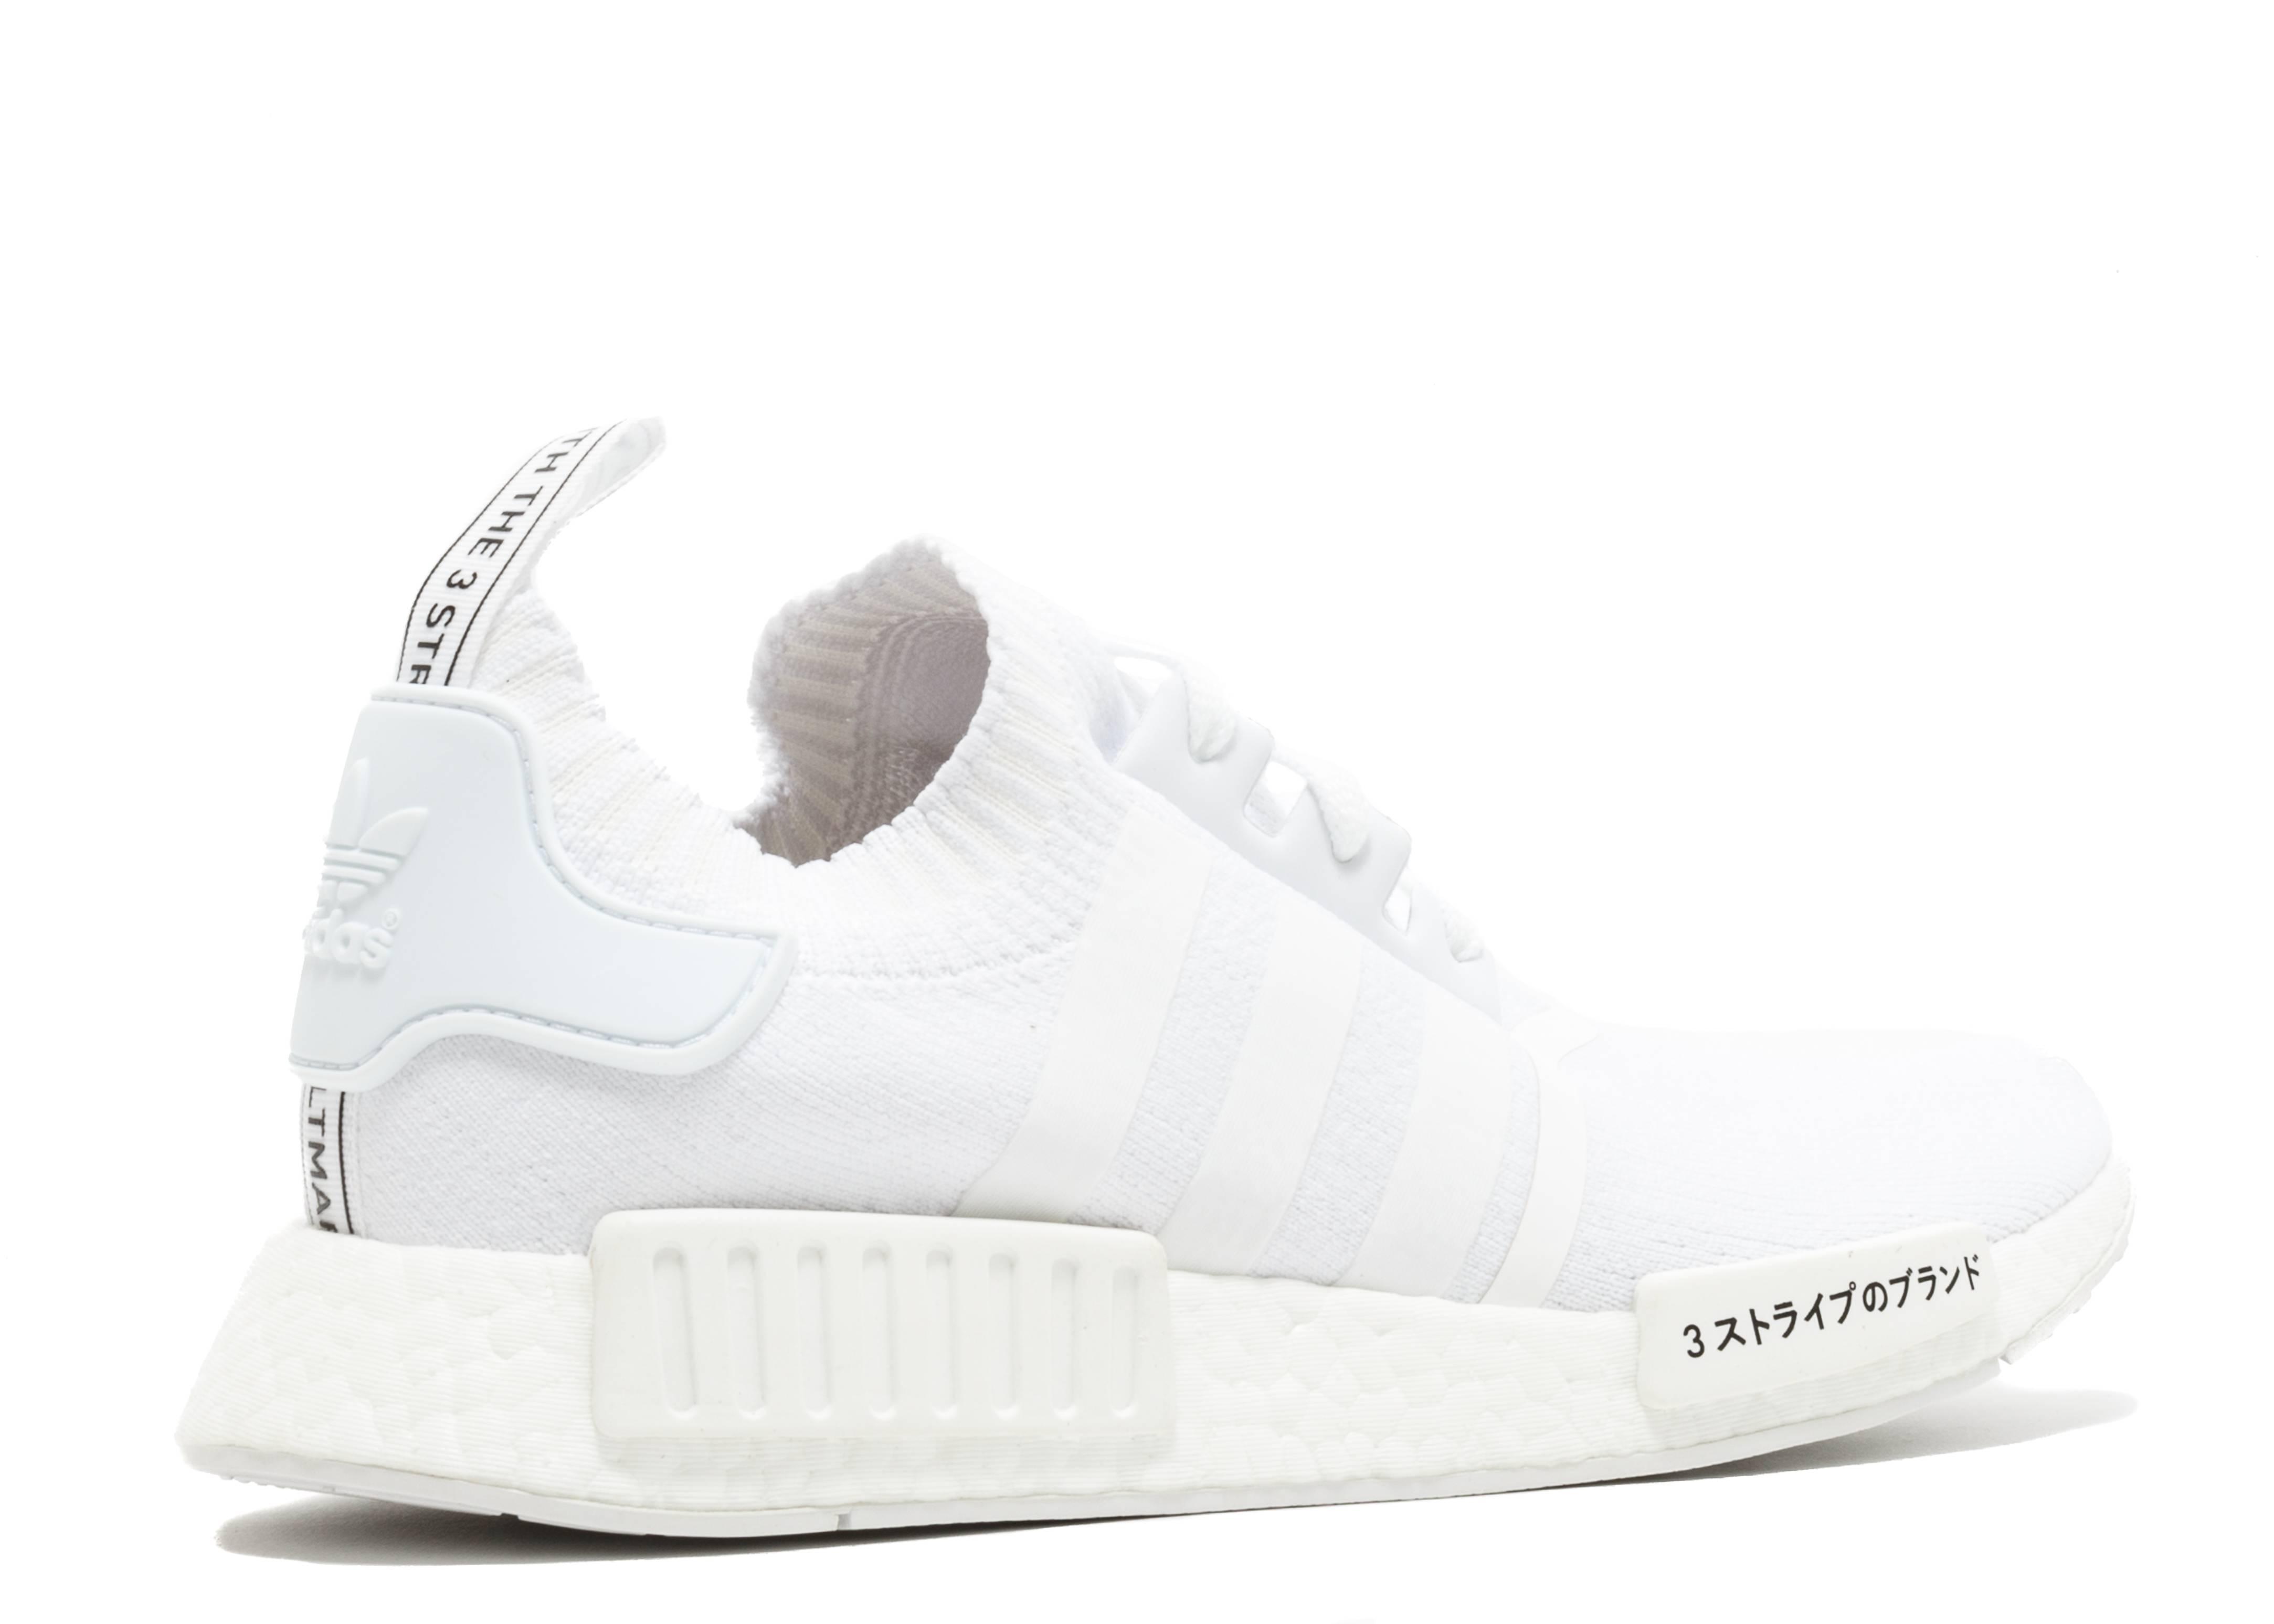 aa2b62dab9181 Adidas NMD R1 Japan Triple White - 3